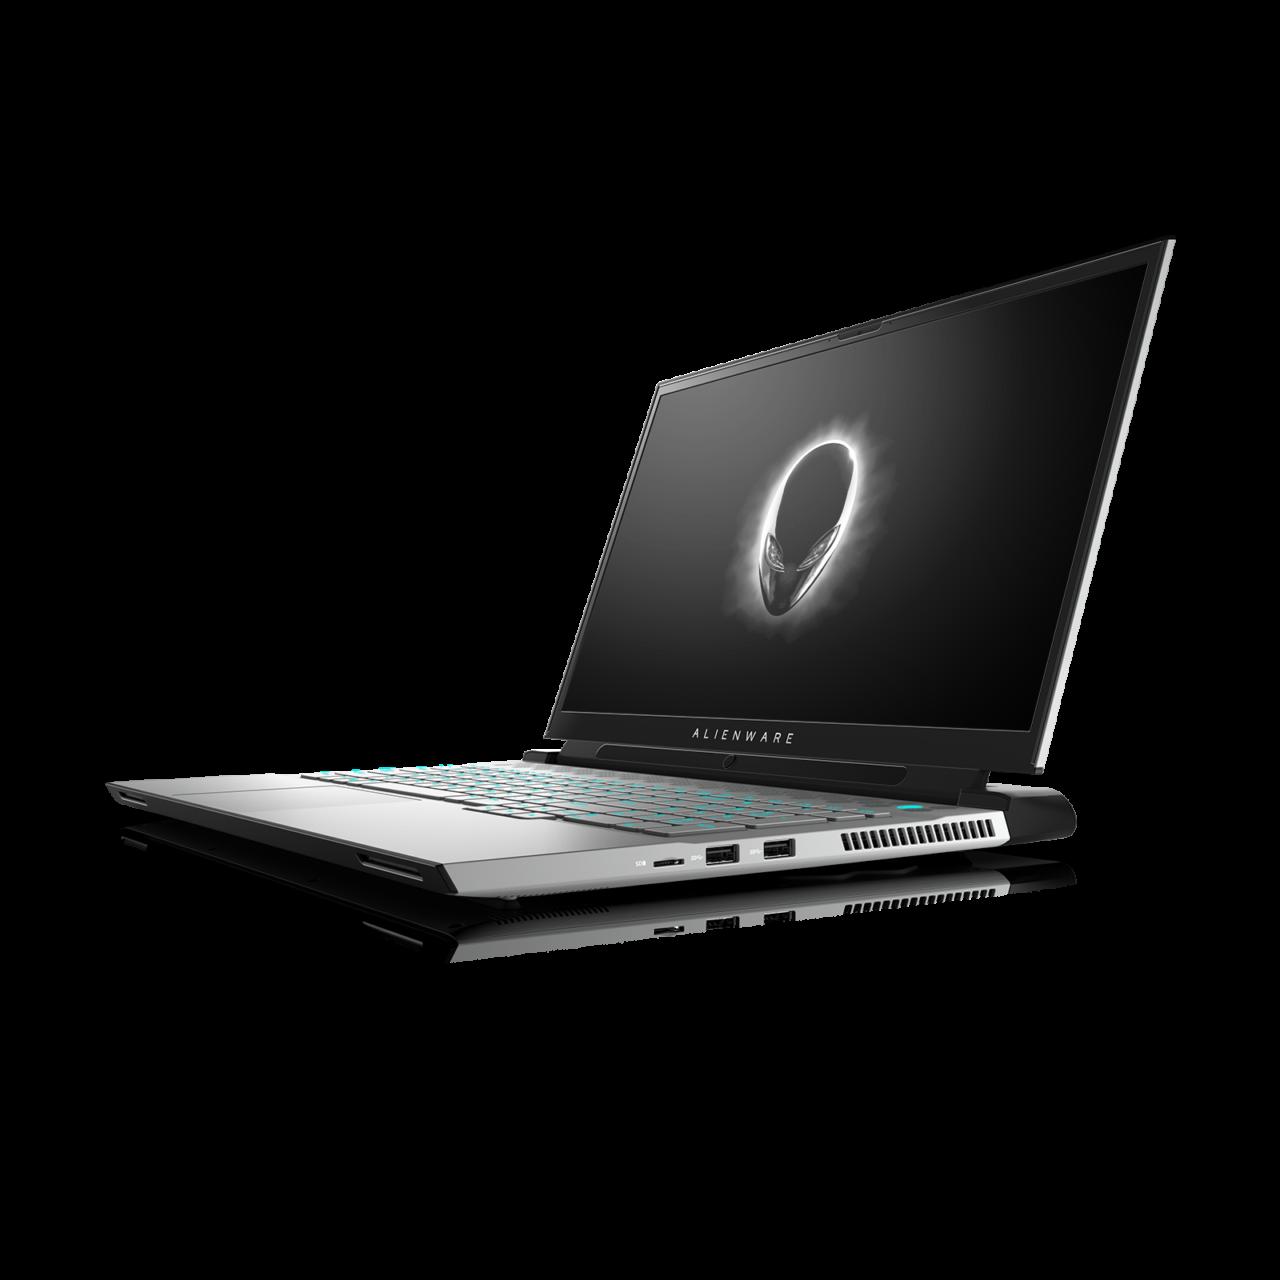 Il gaming secondo Dell: presentate al CES le novità Alienware per il 2021 (foto)